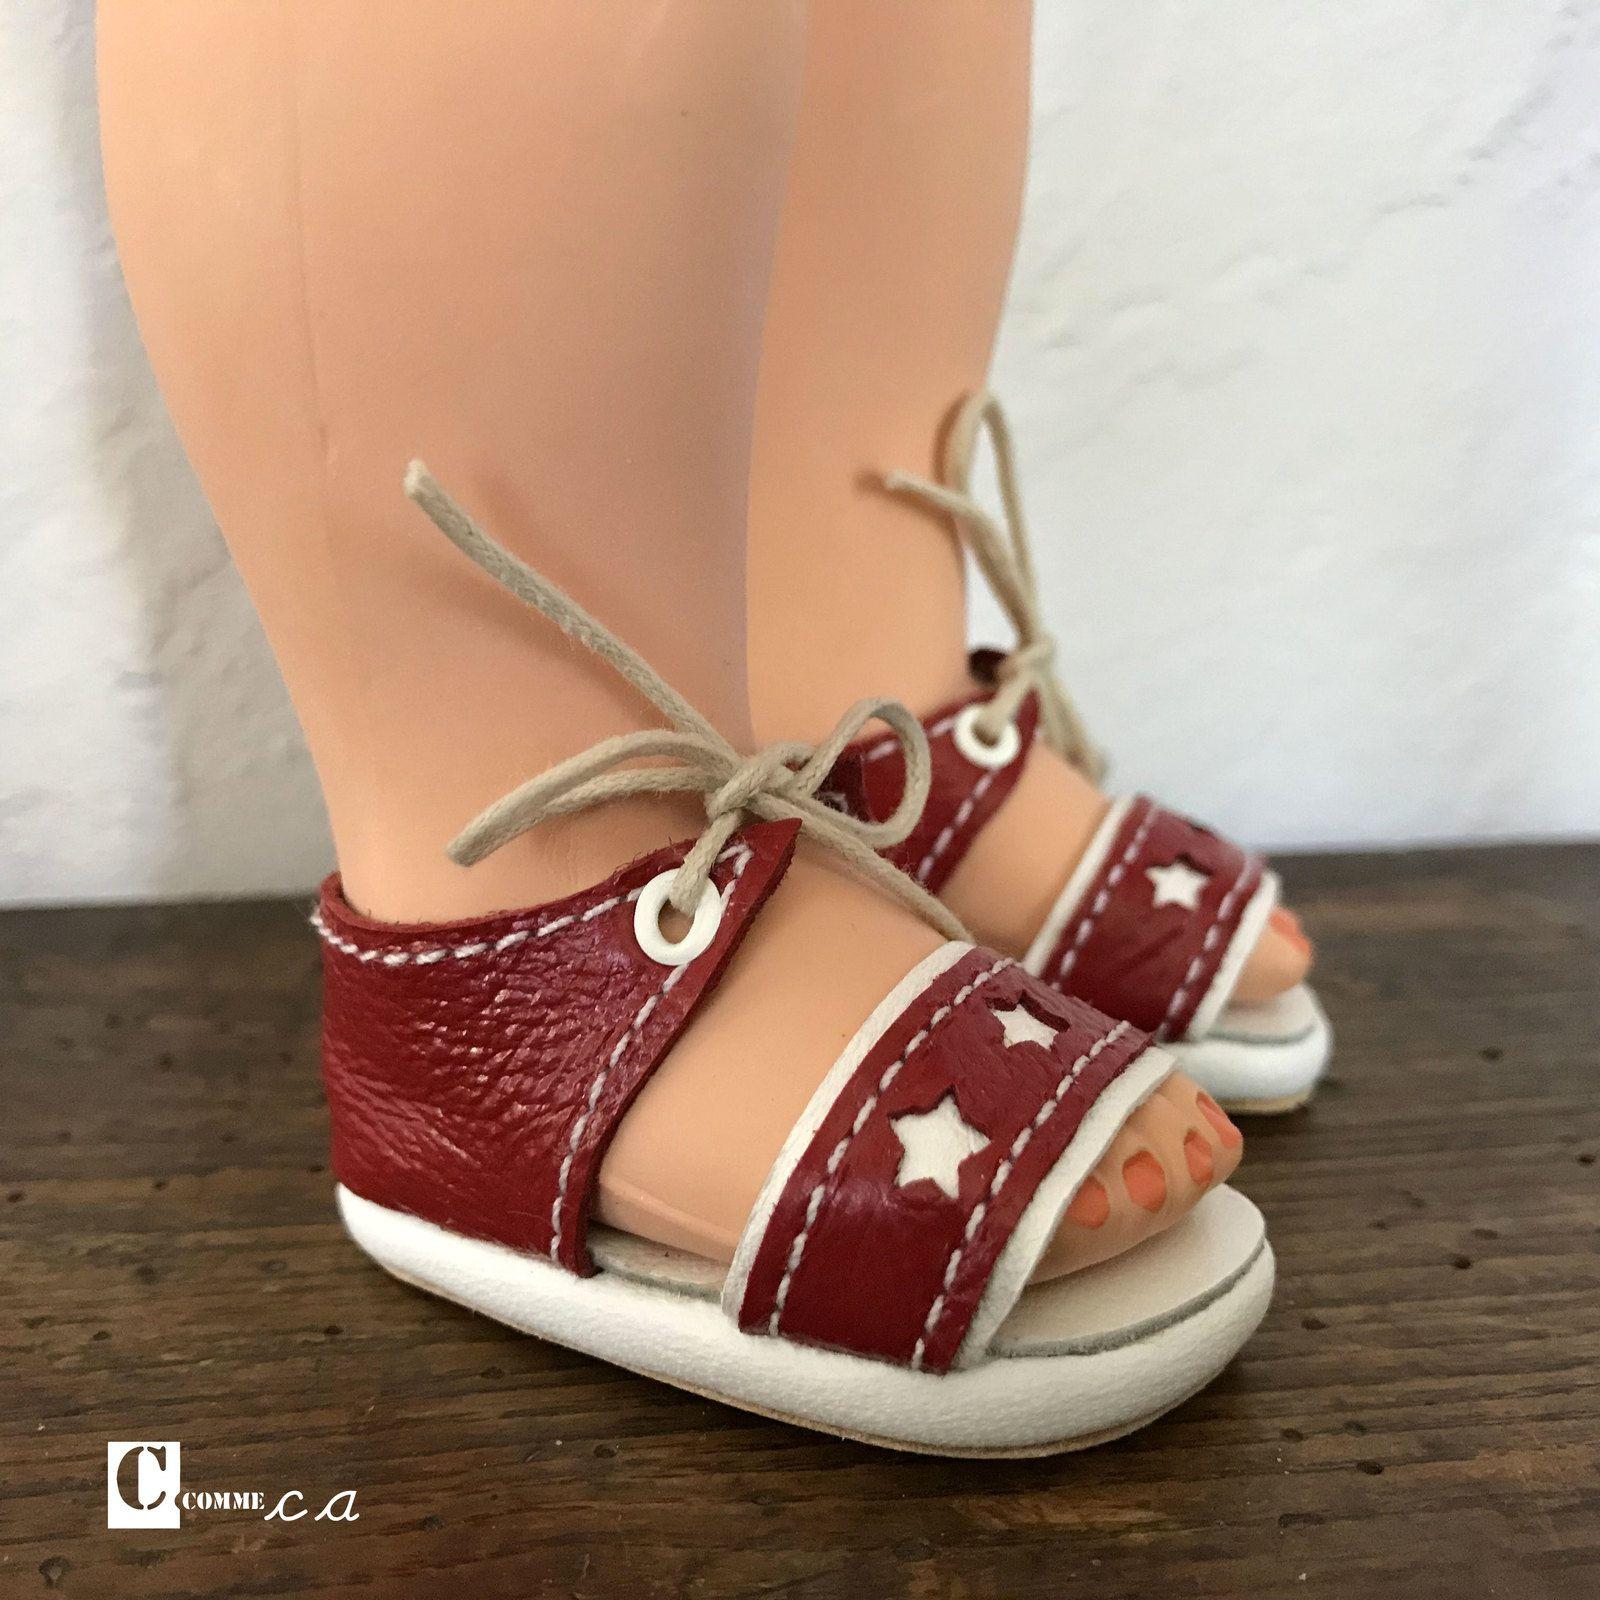 Sandales à étoiles • juin 1954